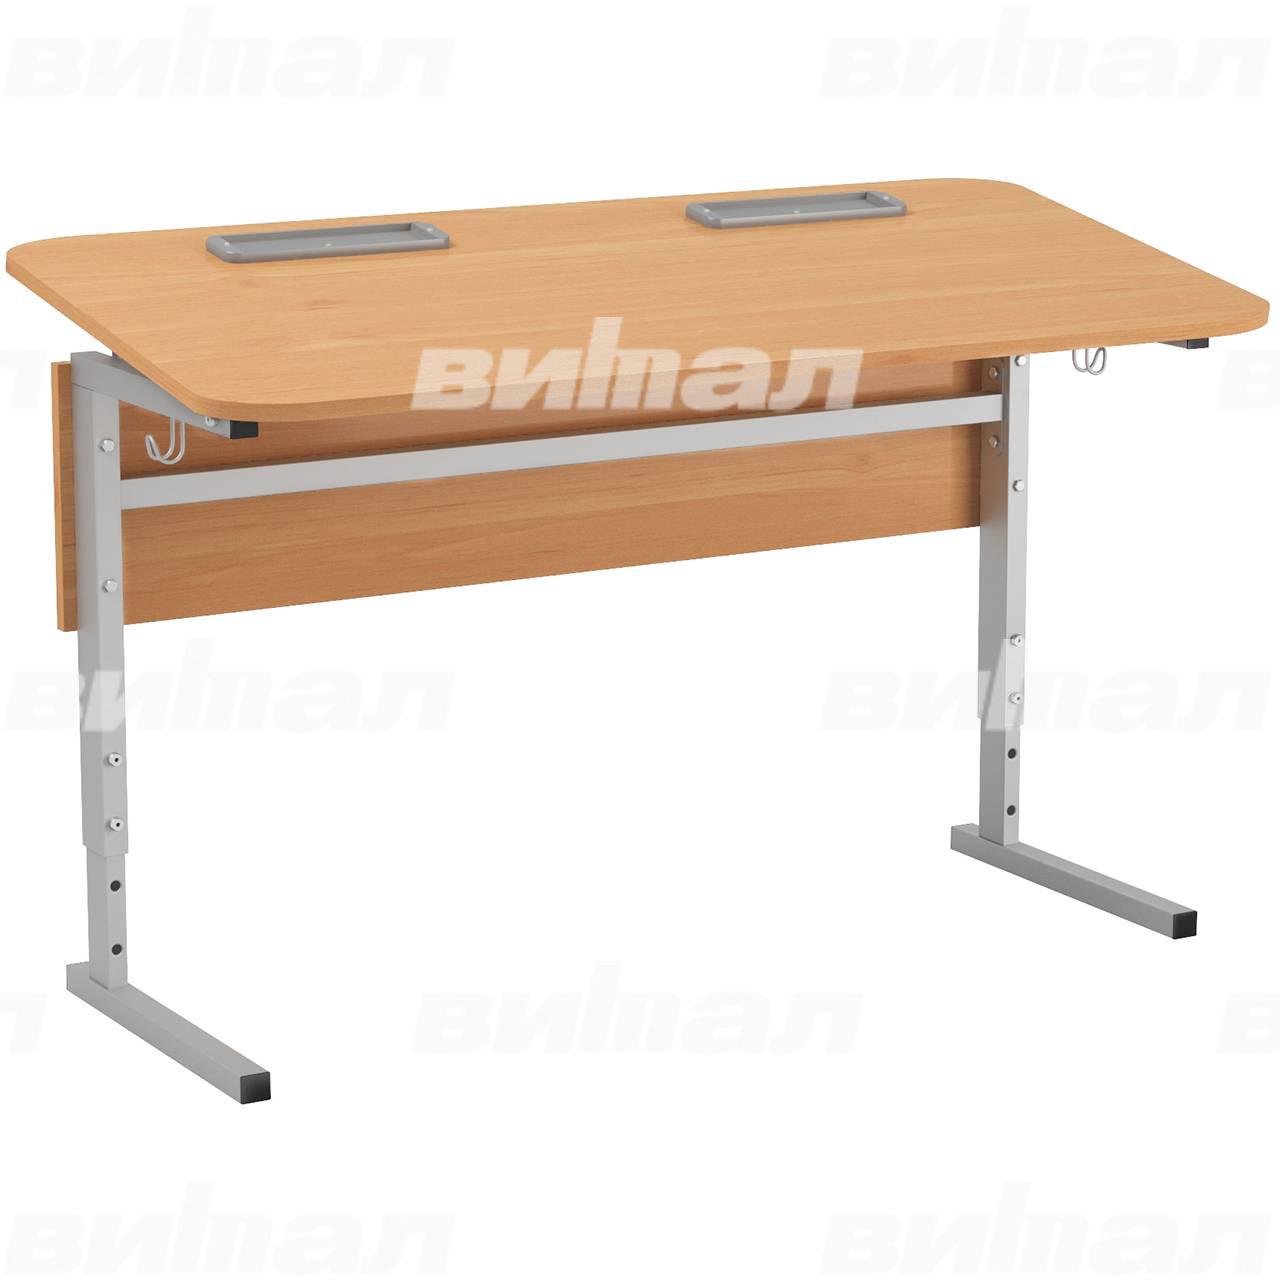 Стол 2-местный регулир. высота и наклон столешницы 0-10° (гр 2-4, 3-5, 4-6 или 5-7) серый Ольха 5-7 Меламин прямоугольная